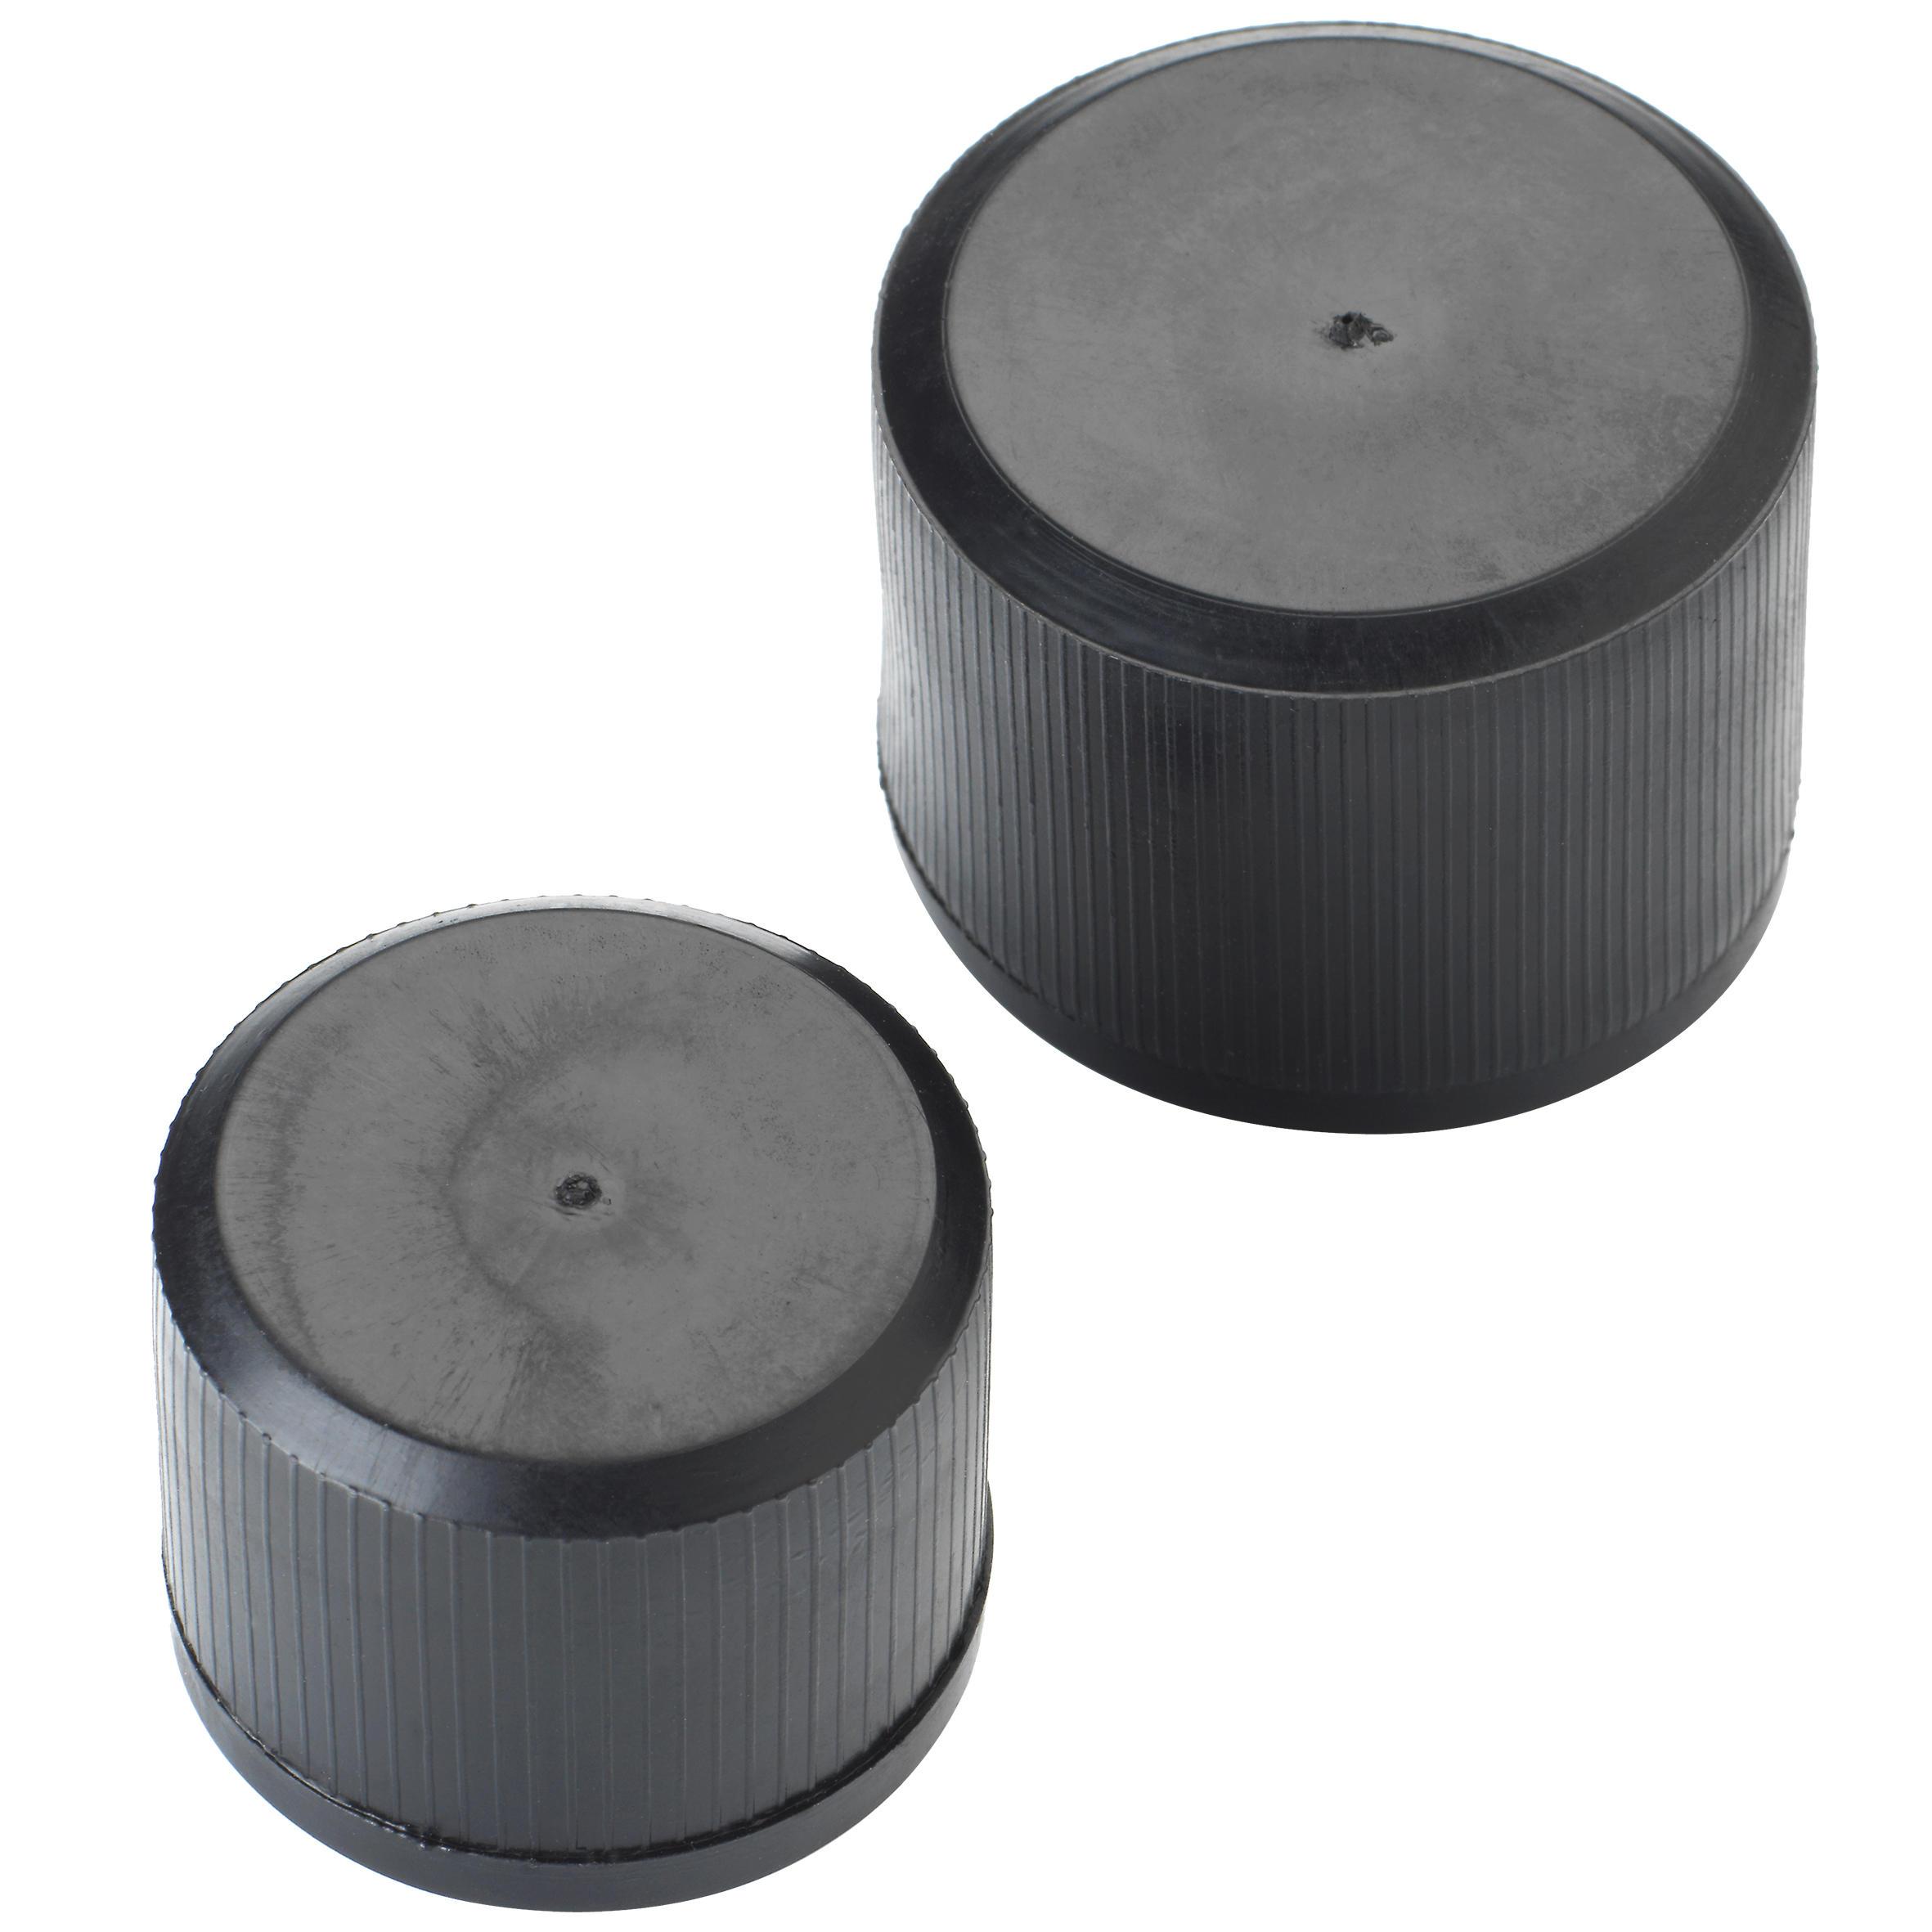 Ersatz-Endkappe Carpover-1 800 | Accessoires > Caps > Sonstige Caps | Caperlan